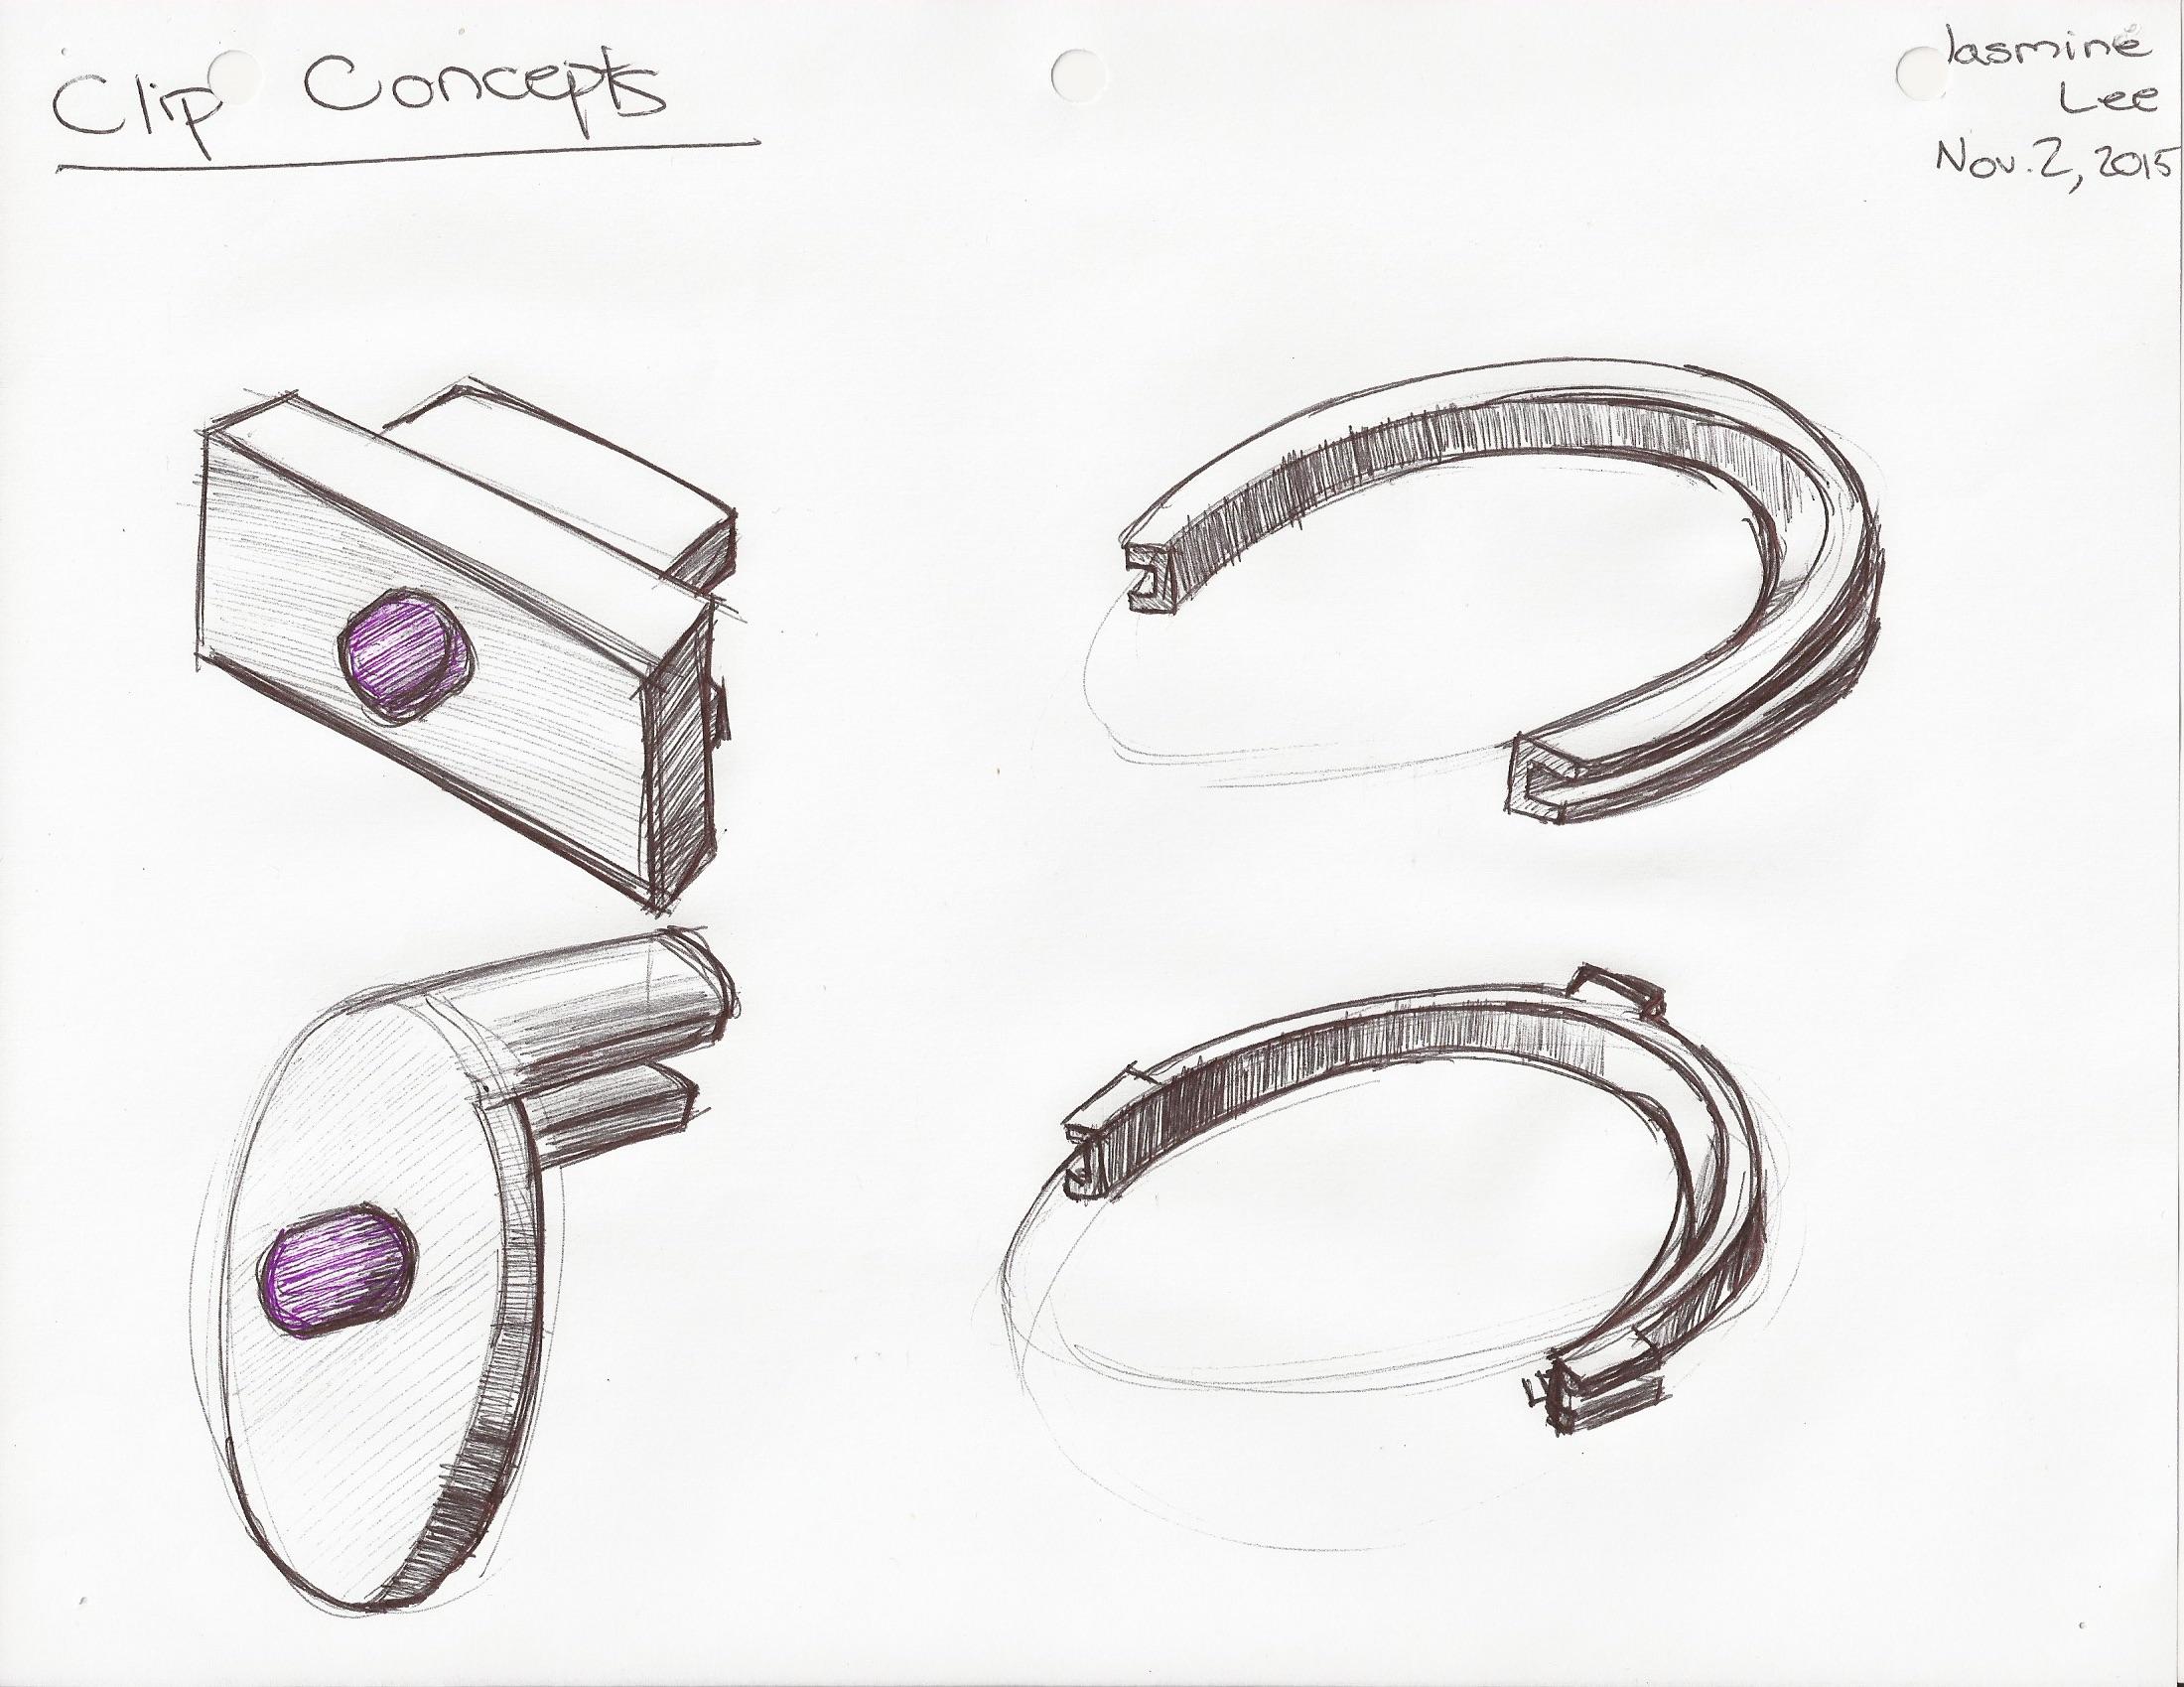 Toilet Clip Concept